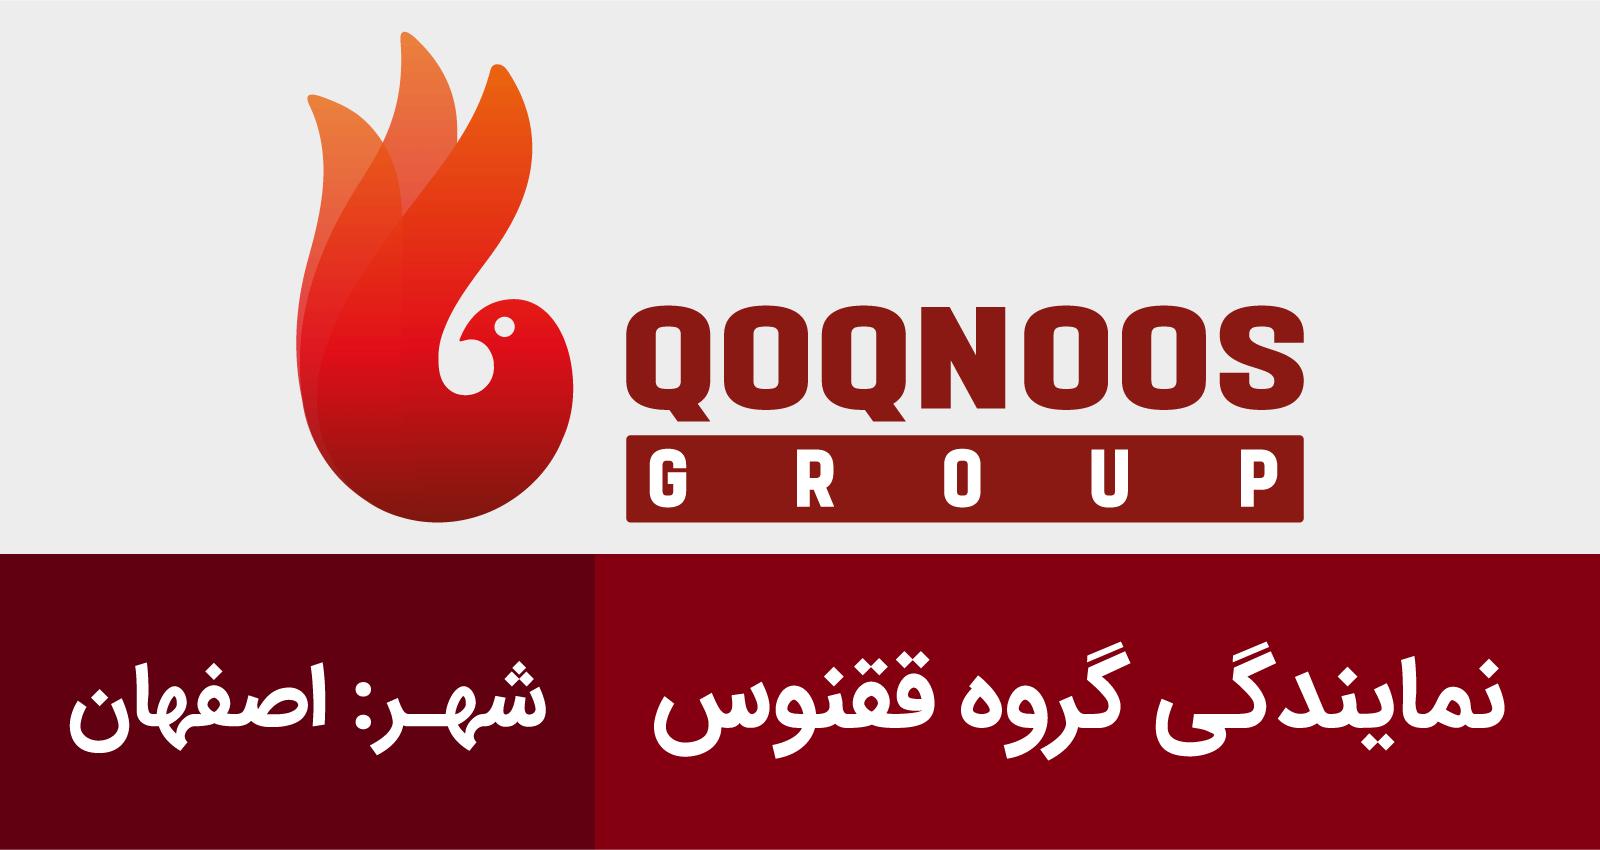 نمایندگی ققنوس اصفهان